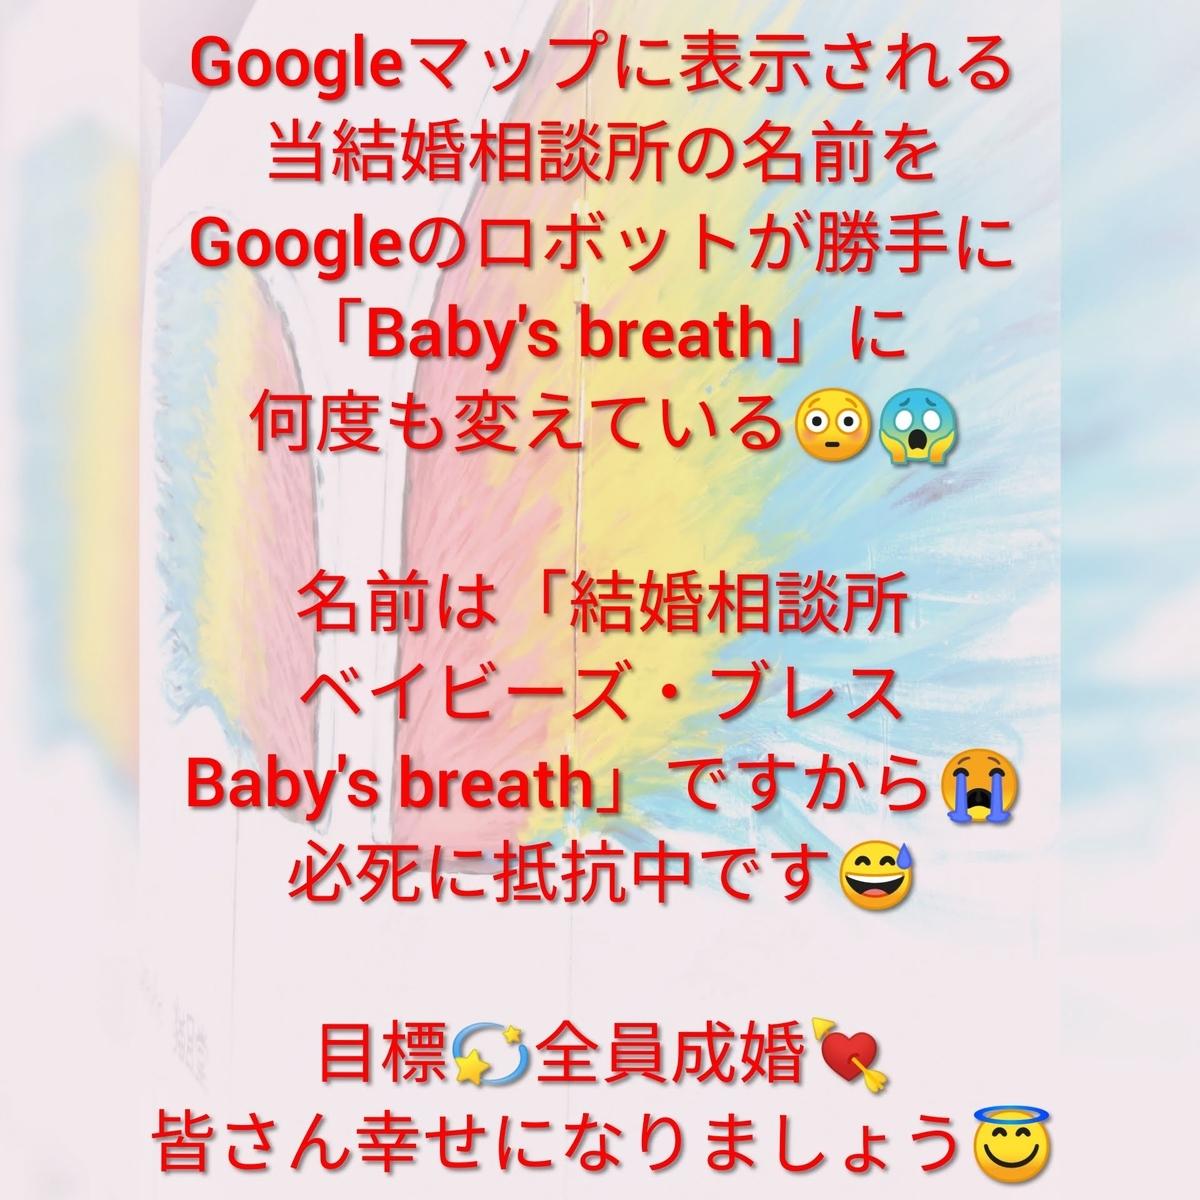 f:id:babysbreath55:20190715090732j:plain